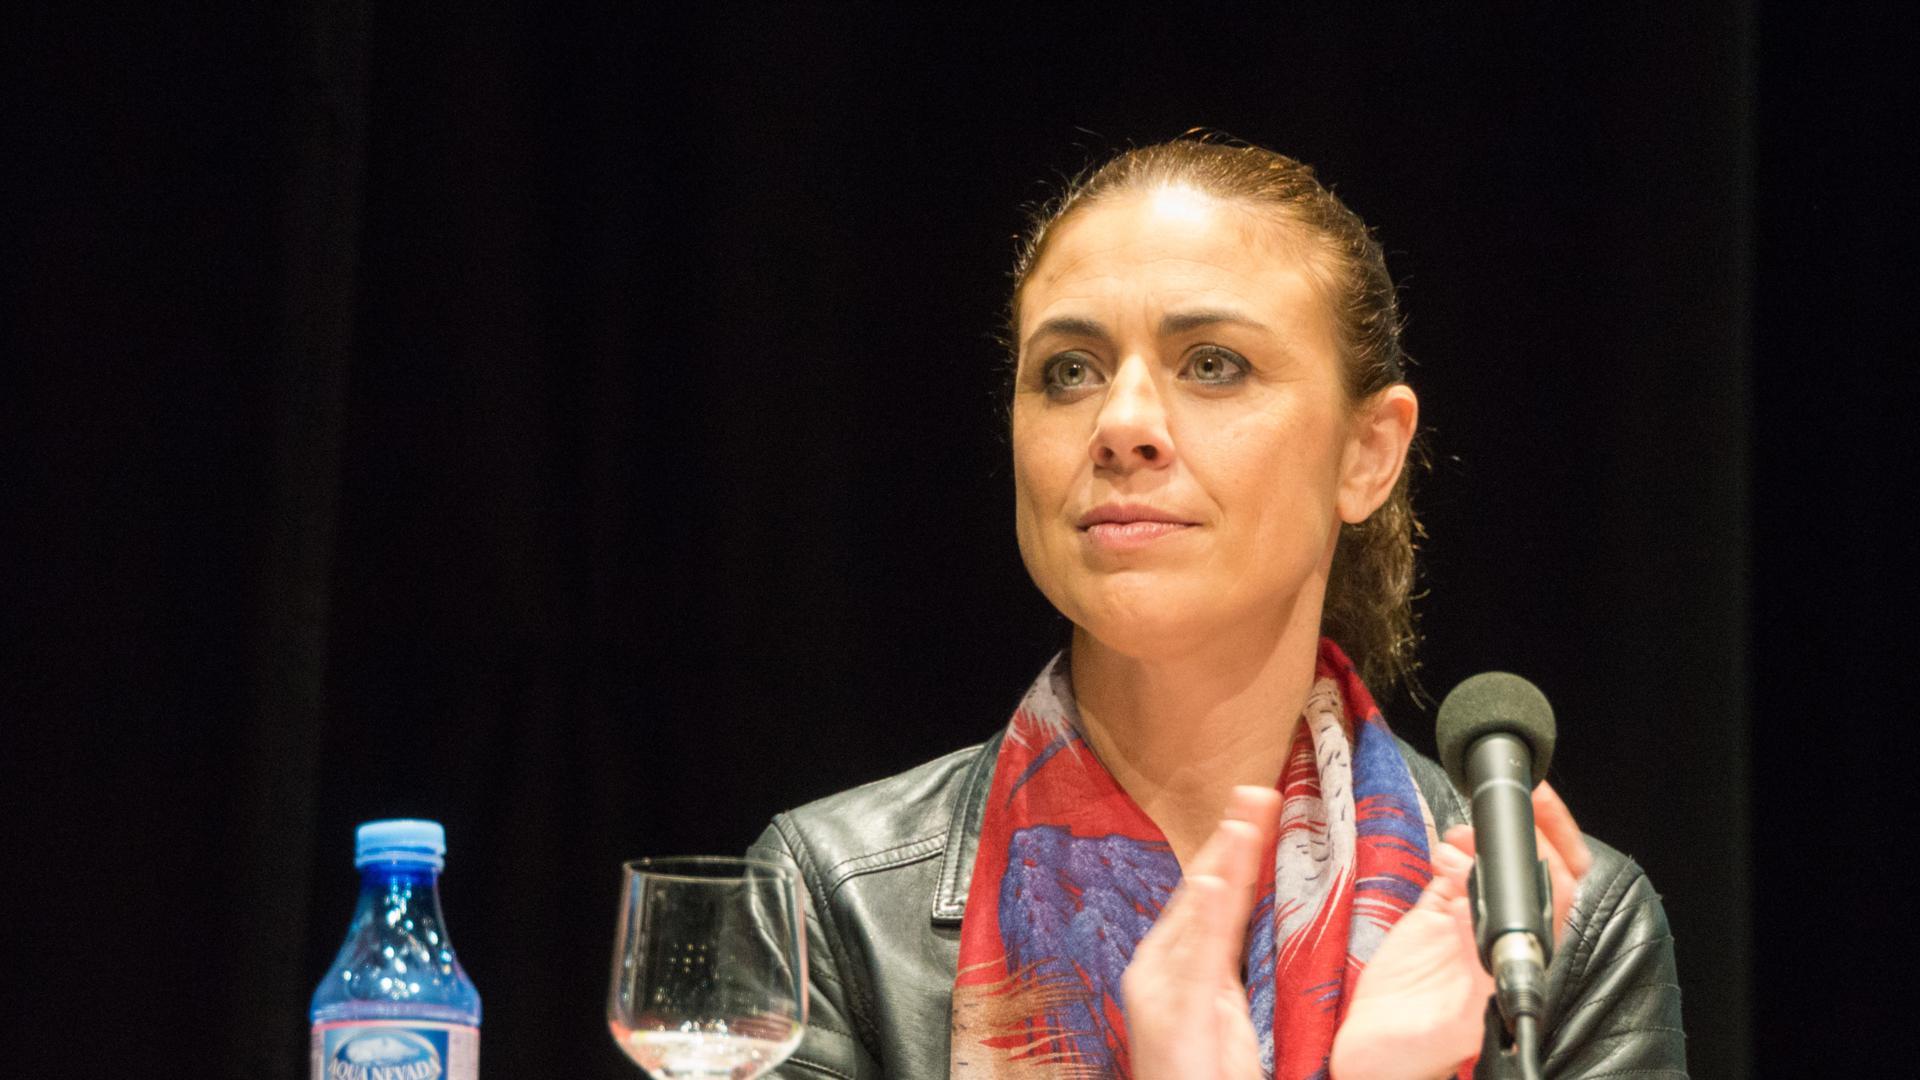 Elisa Fernandez concejal de adra